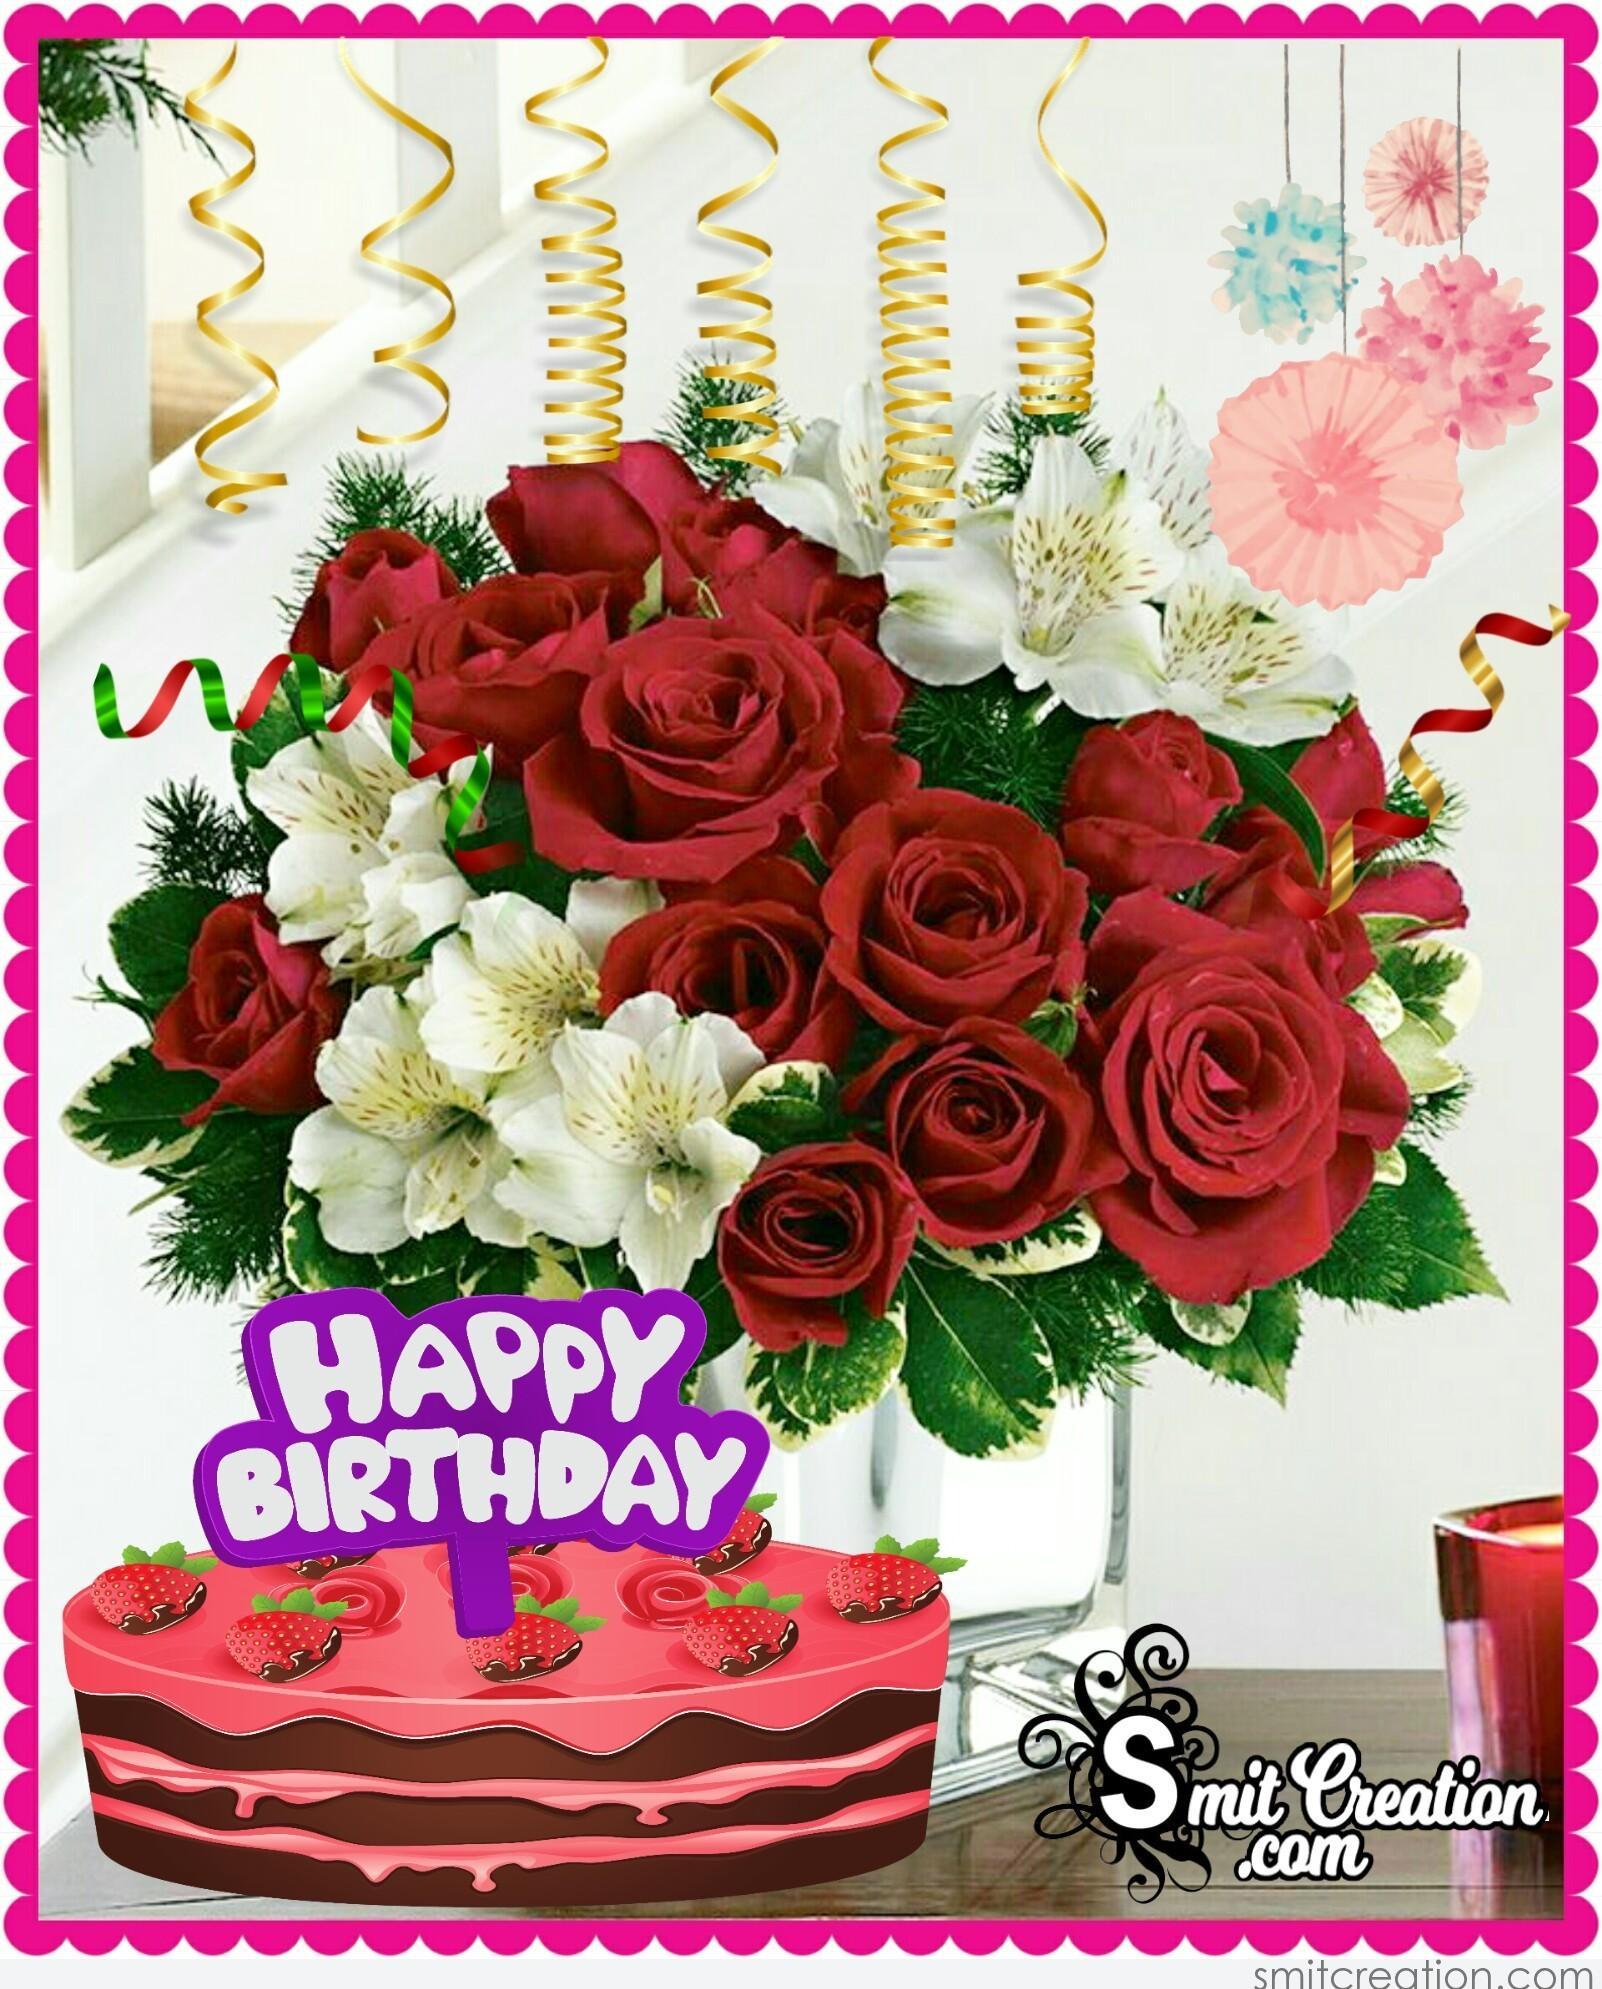 Happy Birthday Flower Bouquet With Cake Smitcreation Com